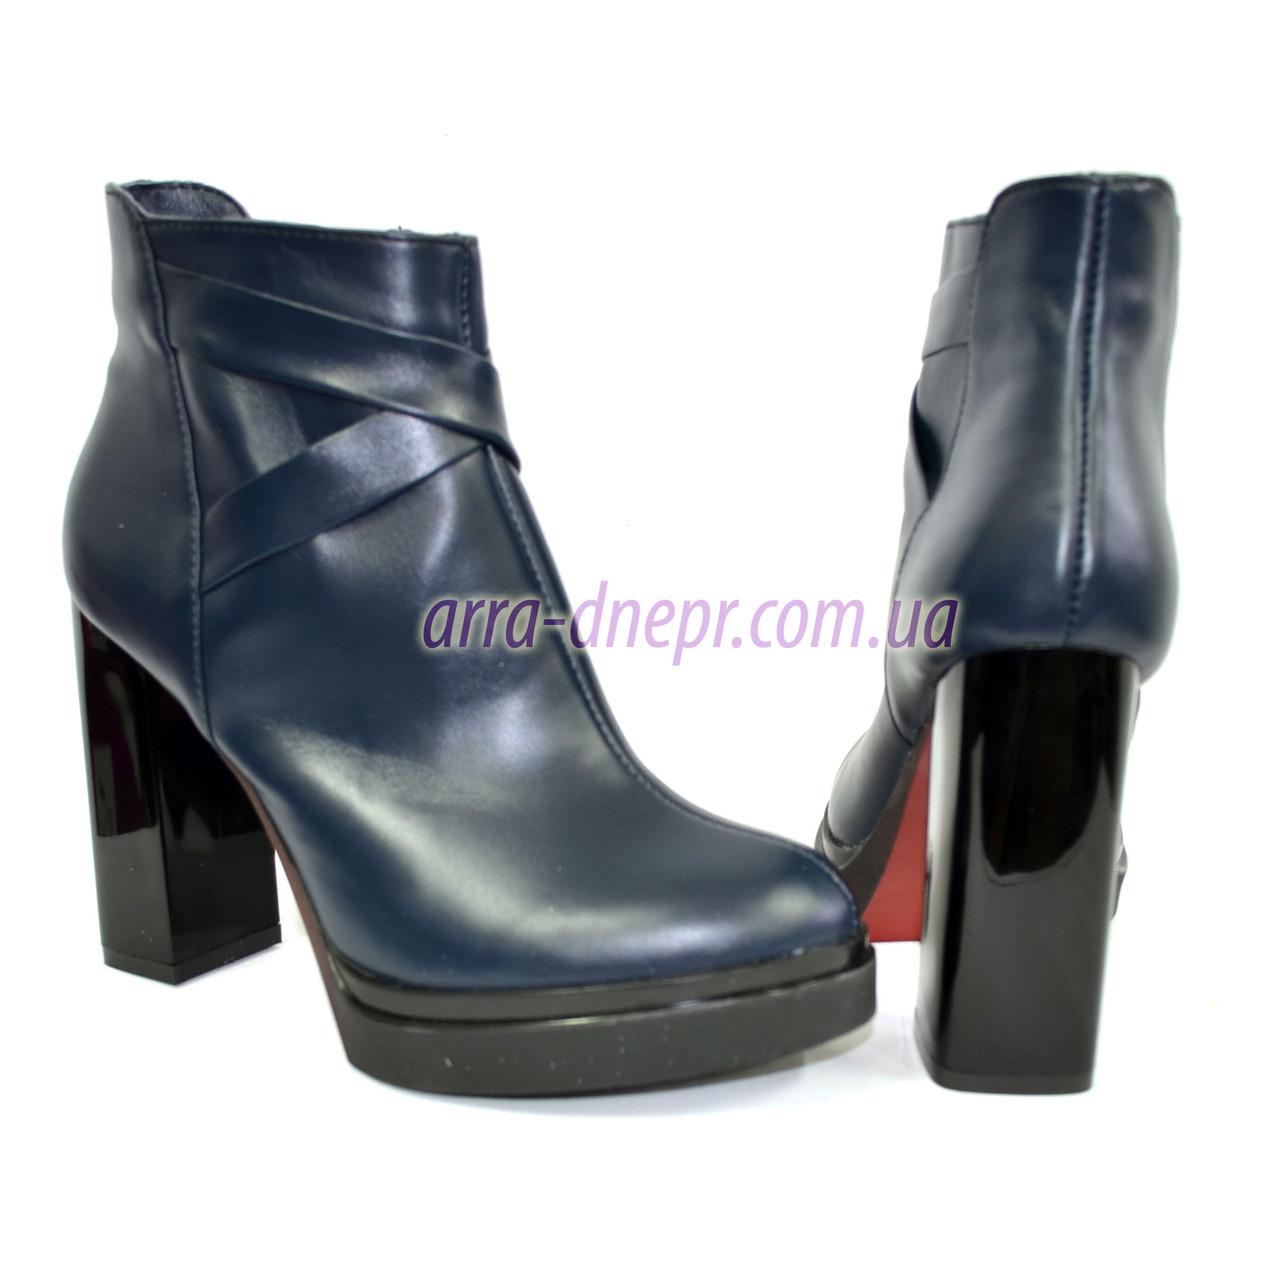 ботинки классические женские фото